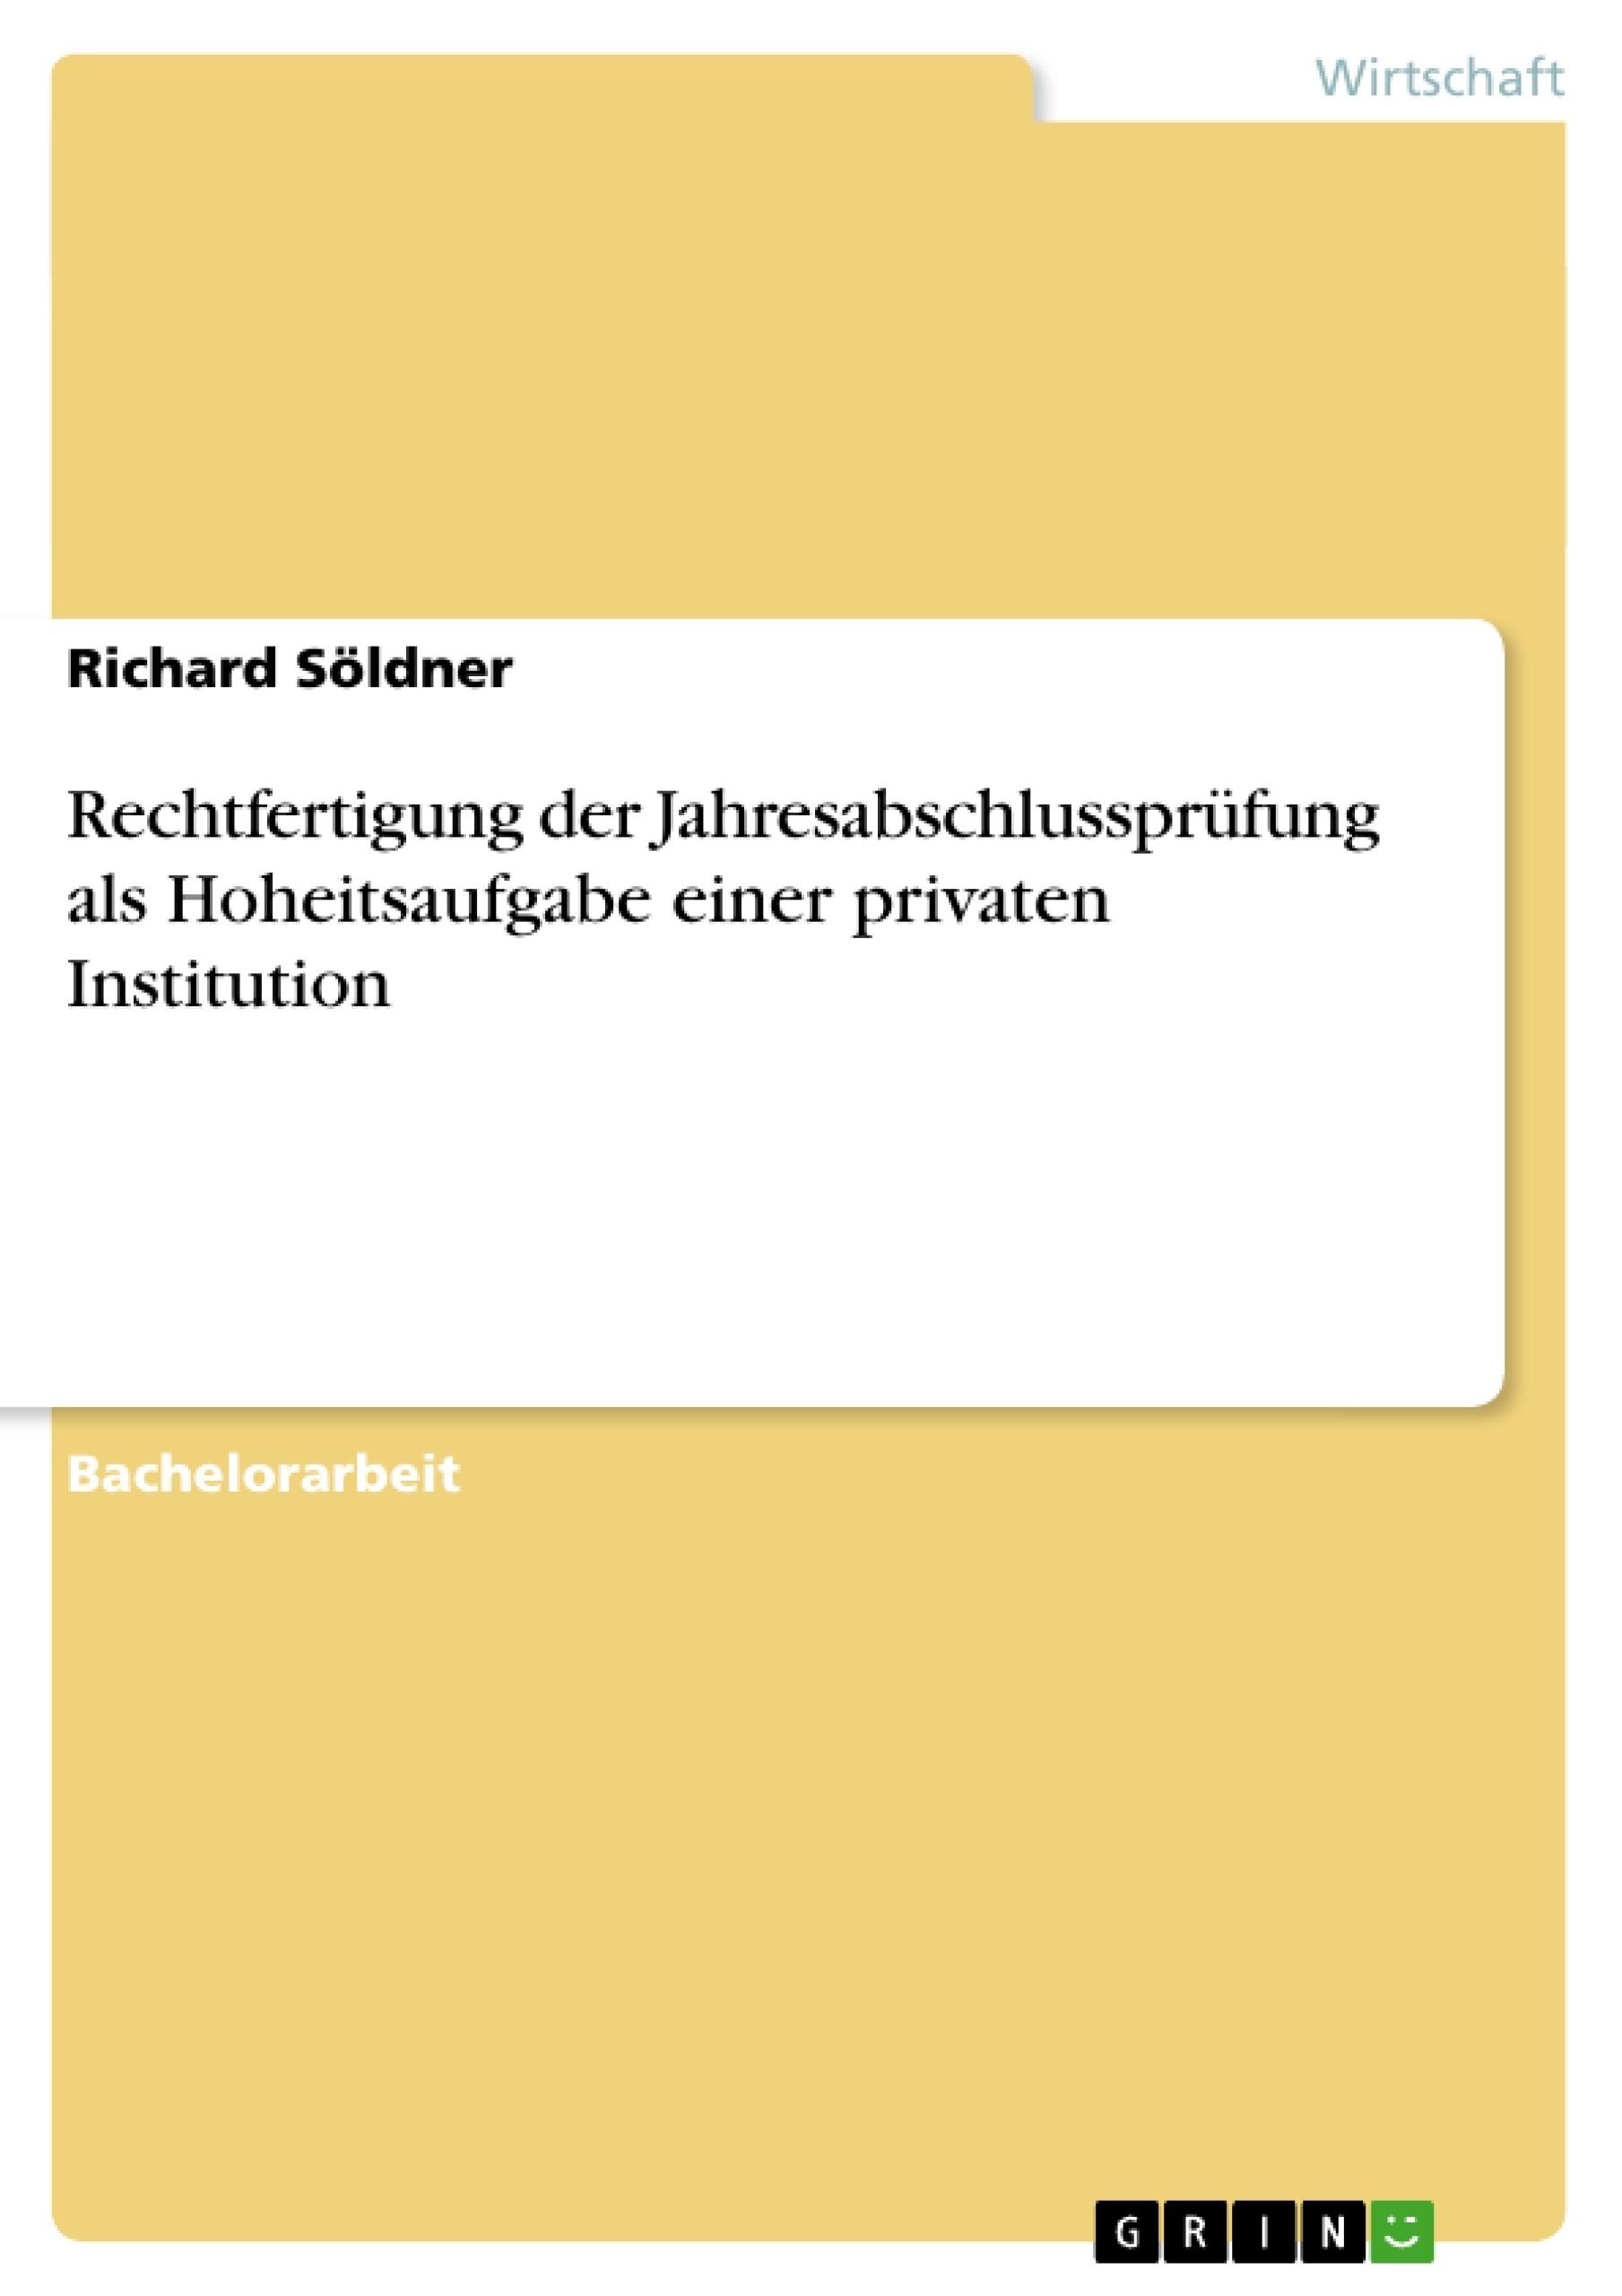 Titel: Rechtfertigung der Jahresabschlussprüfung als Hoheitsaufgabe einer privaten Institution